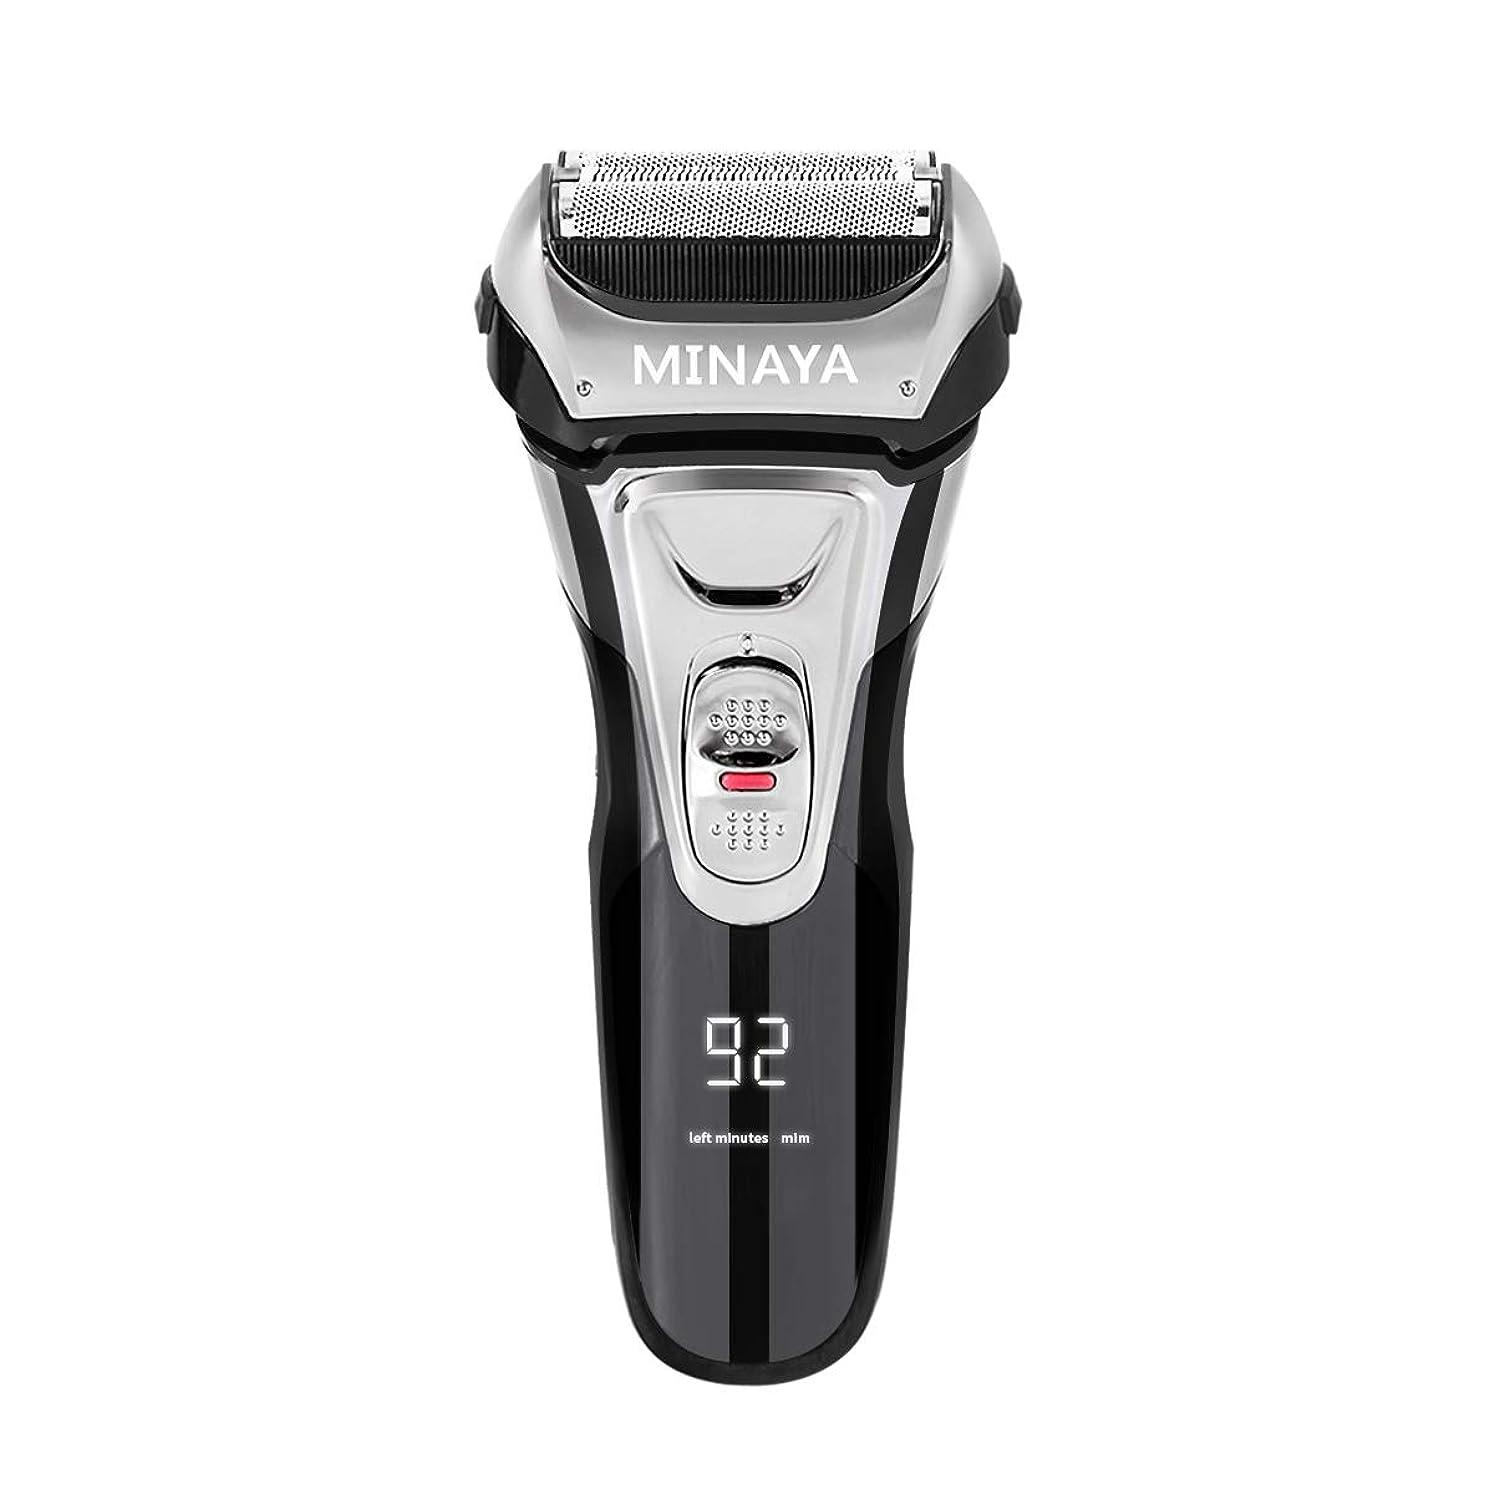 侵入する作り手順電気シェーバー メンズ シェーバー 往復式 3枚刃 髭剃り 電動 カミソリ LEDディスプレイ USB充電式 IPX7防水 水洗い/お風呂剃り対応